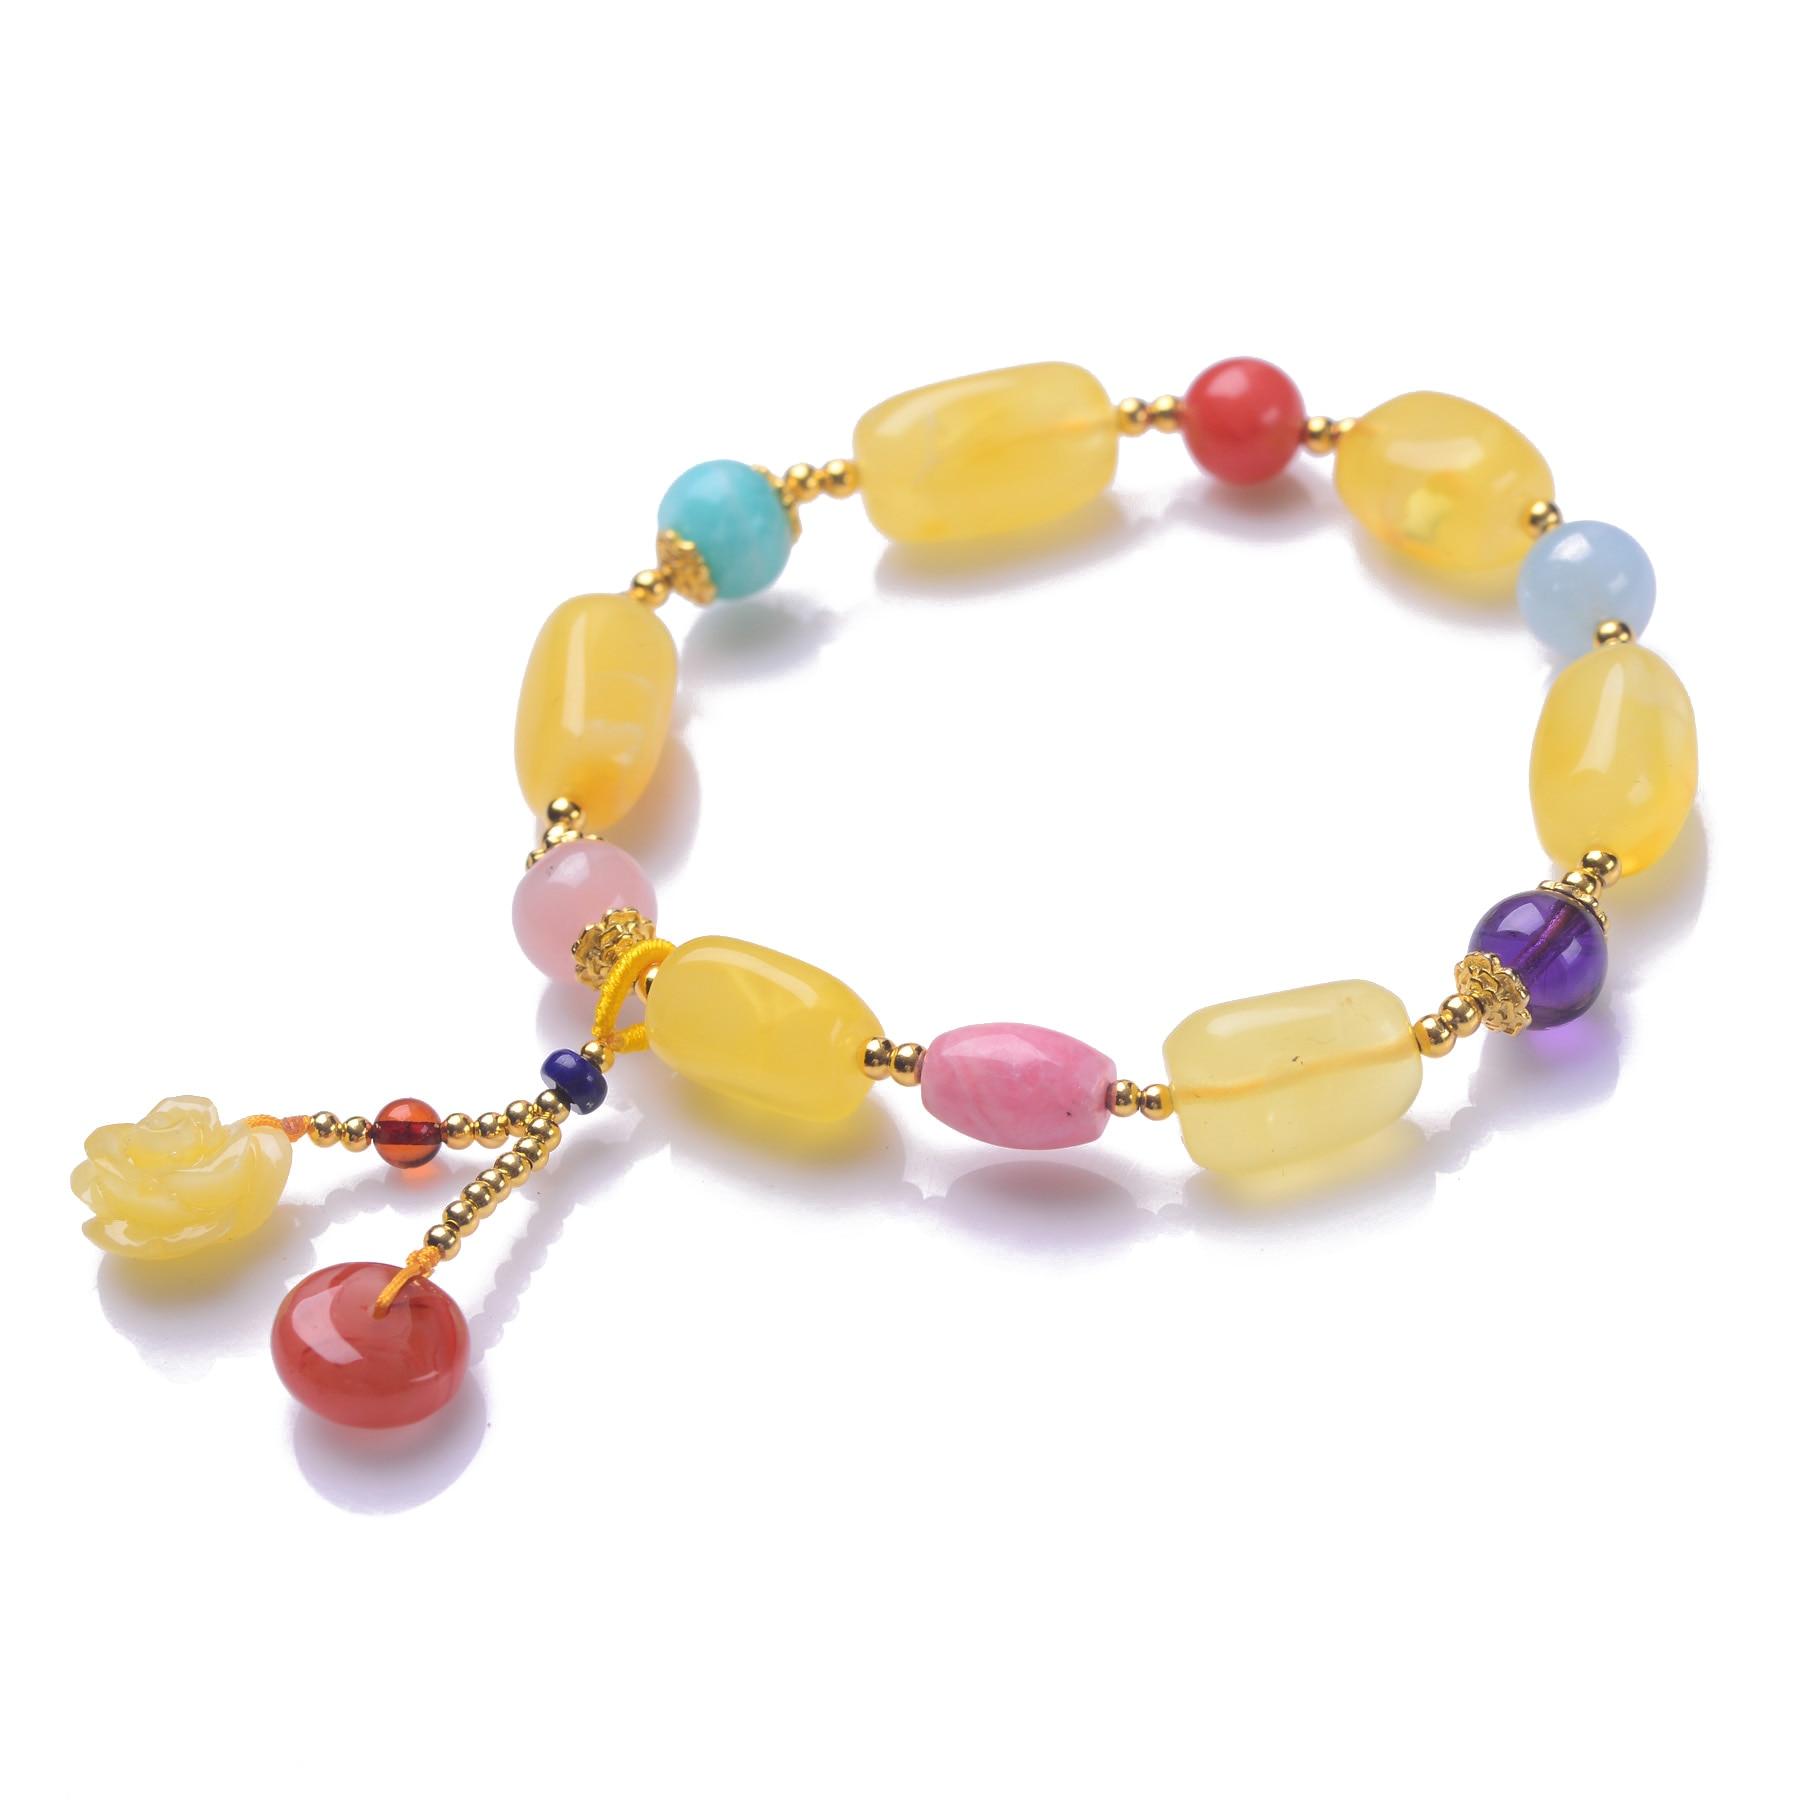 Здесь продается  Handmade Authentic Wax Crystal Beads Bracelets  Ювелирные изделия и часы